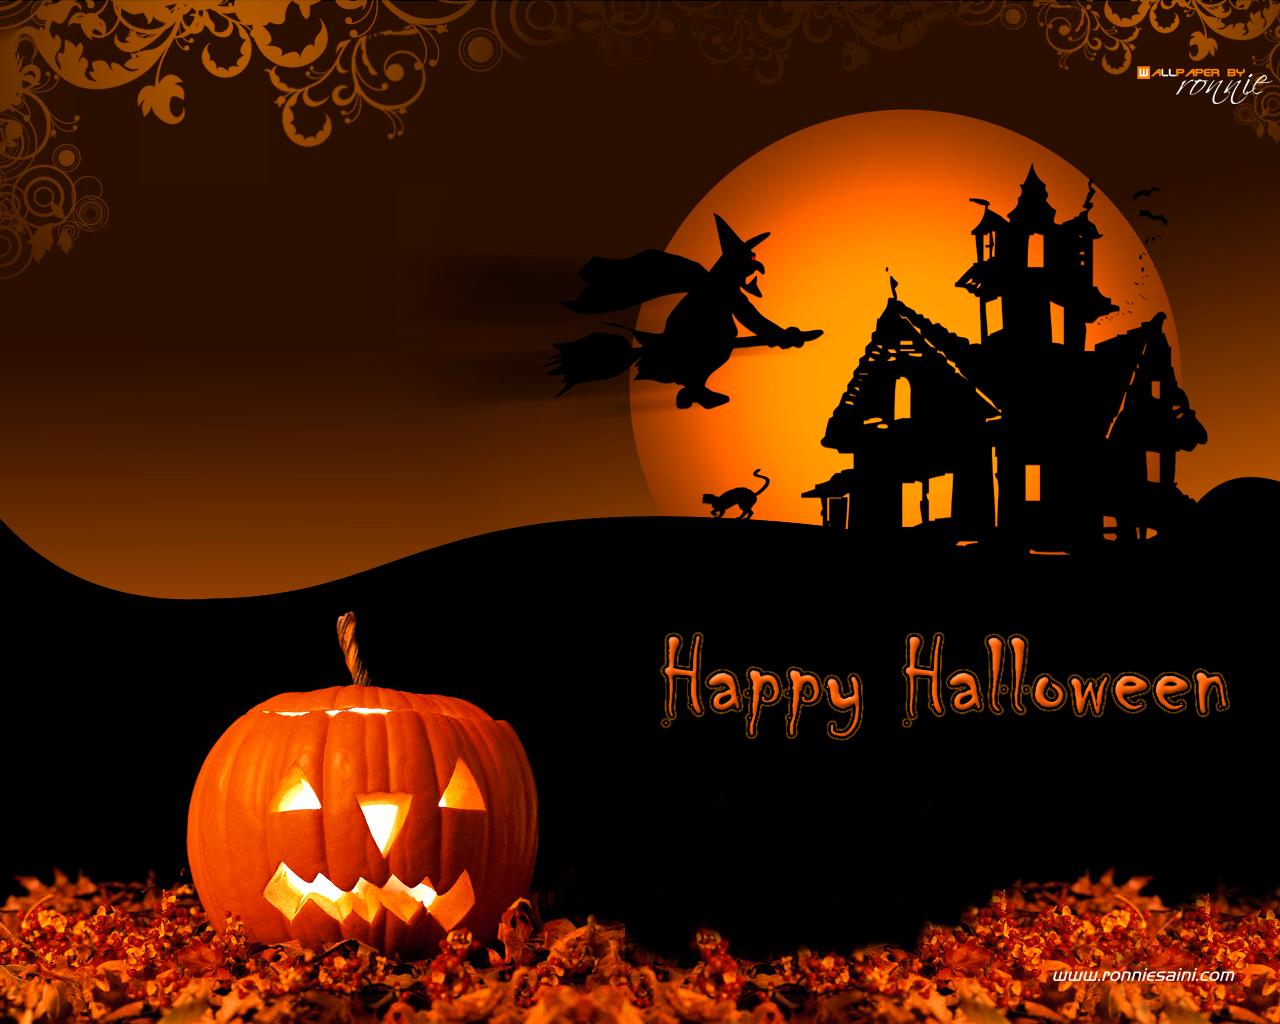 Halloween HD Wallpapers Halloween 2012 HD Desktop Pictures Wallpapers 1280x1024